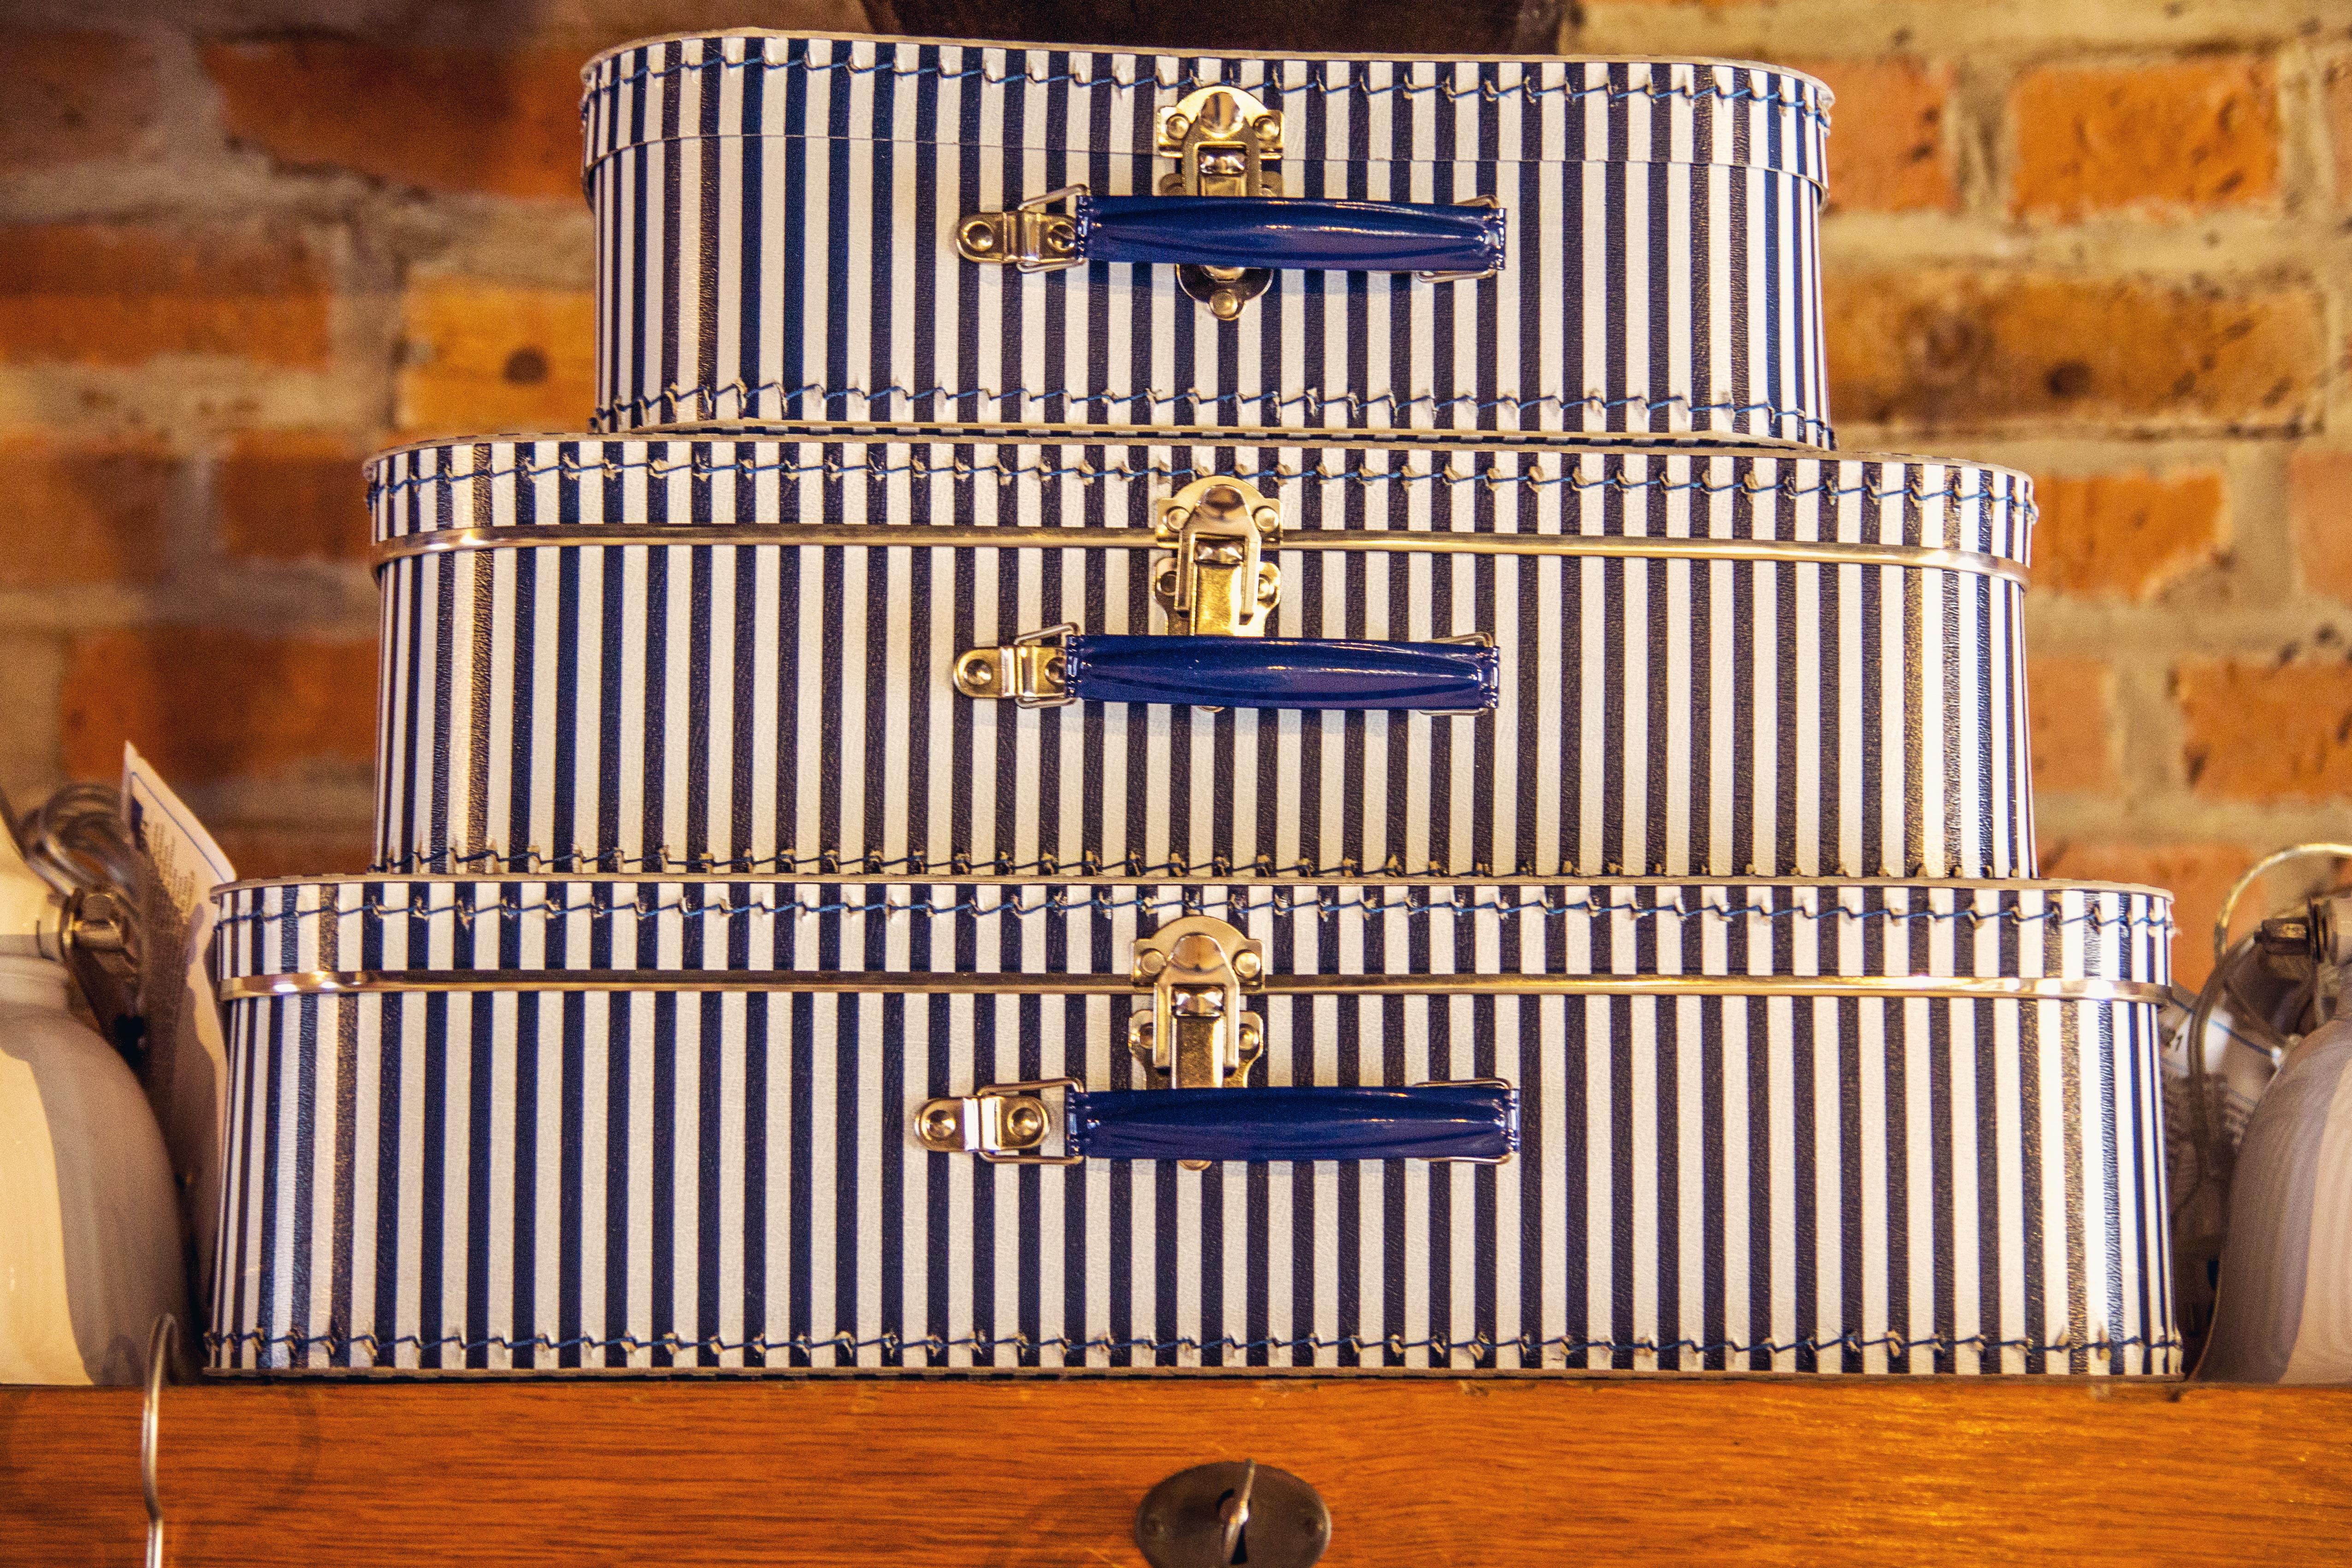 fachwerk13-daenischenhagen-koffer-weiss-blau